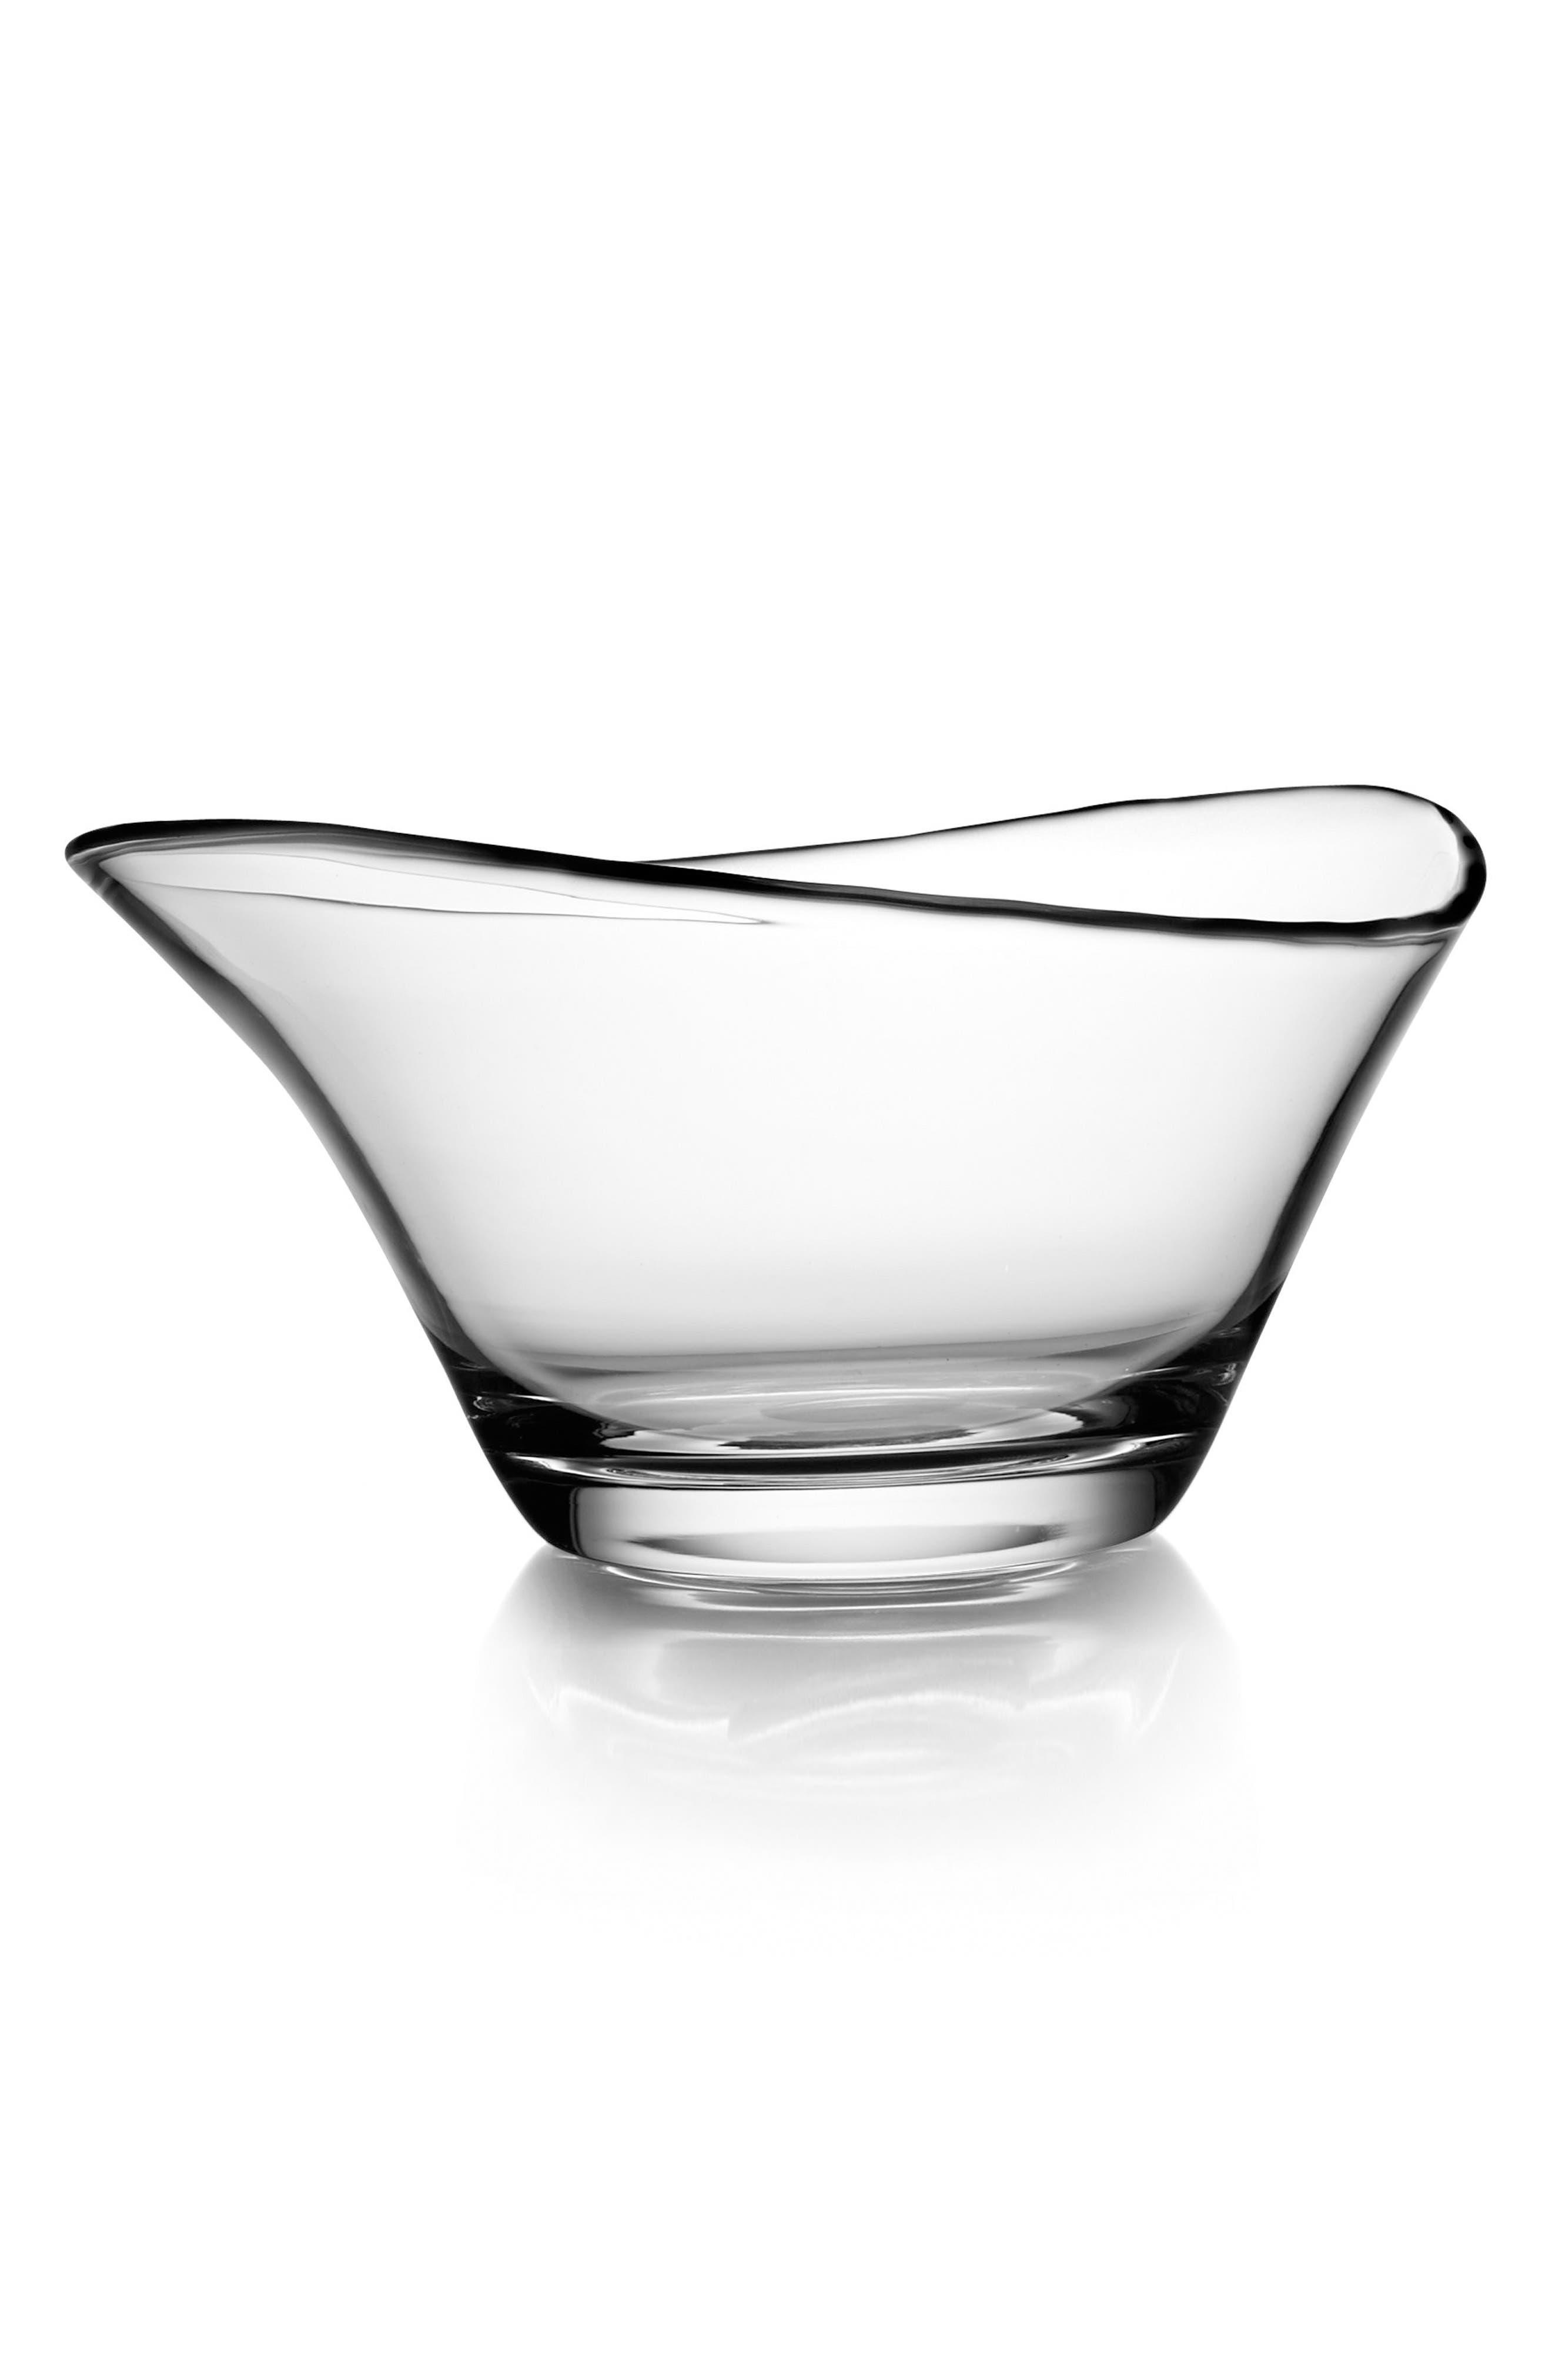 Large Moderne Bowl,                         Main,                         color,